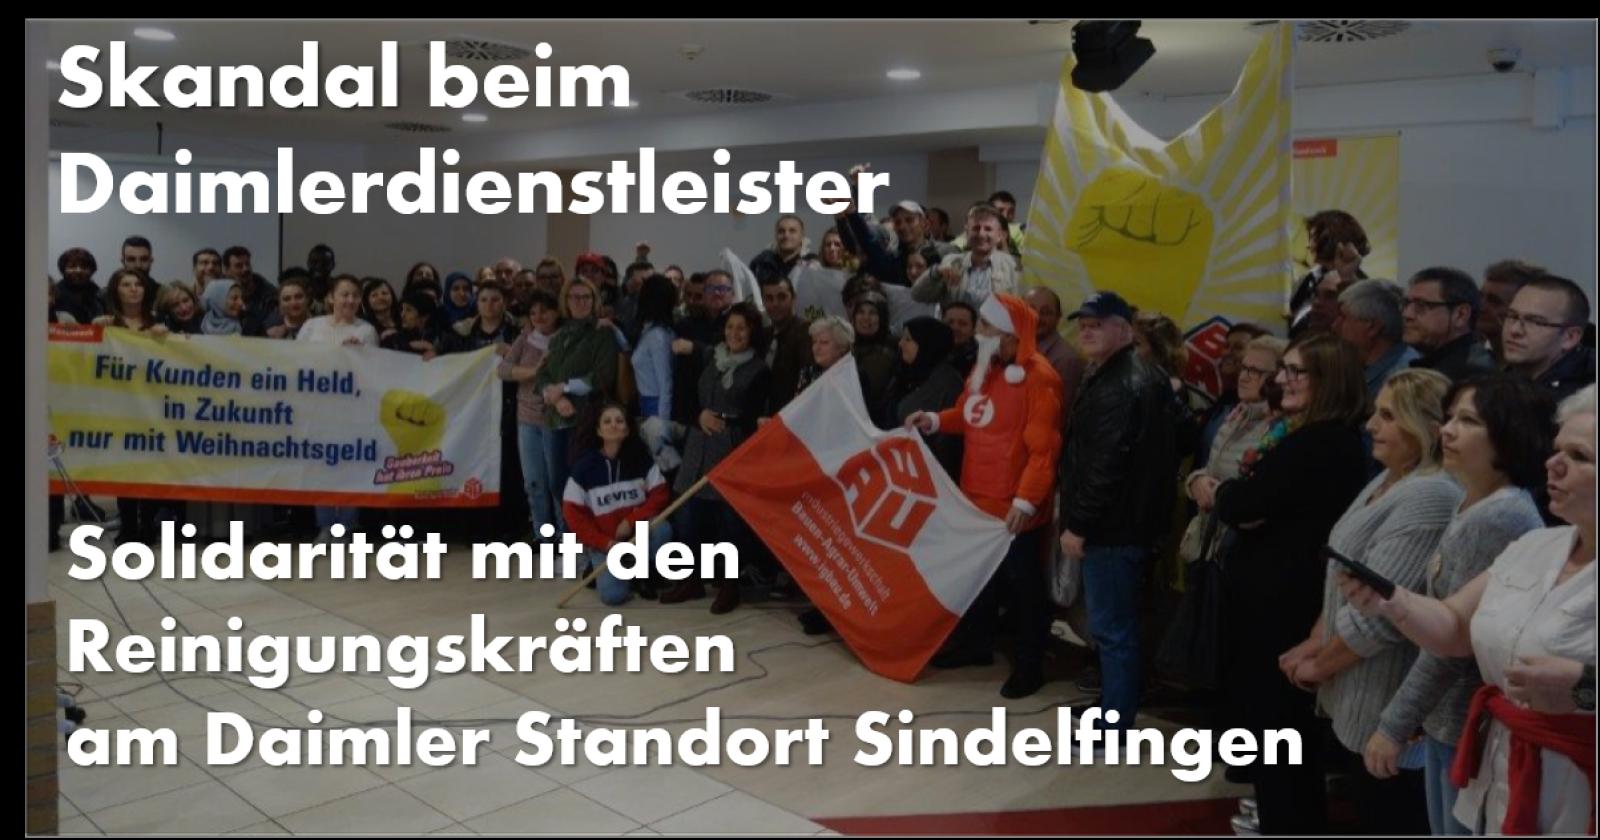 Skandal beim Daimlerdienstleister - Solidarität mit den Reinigungskräften am Daimler Standort Sindelfingen